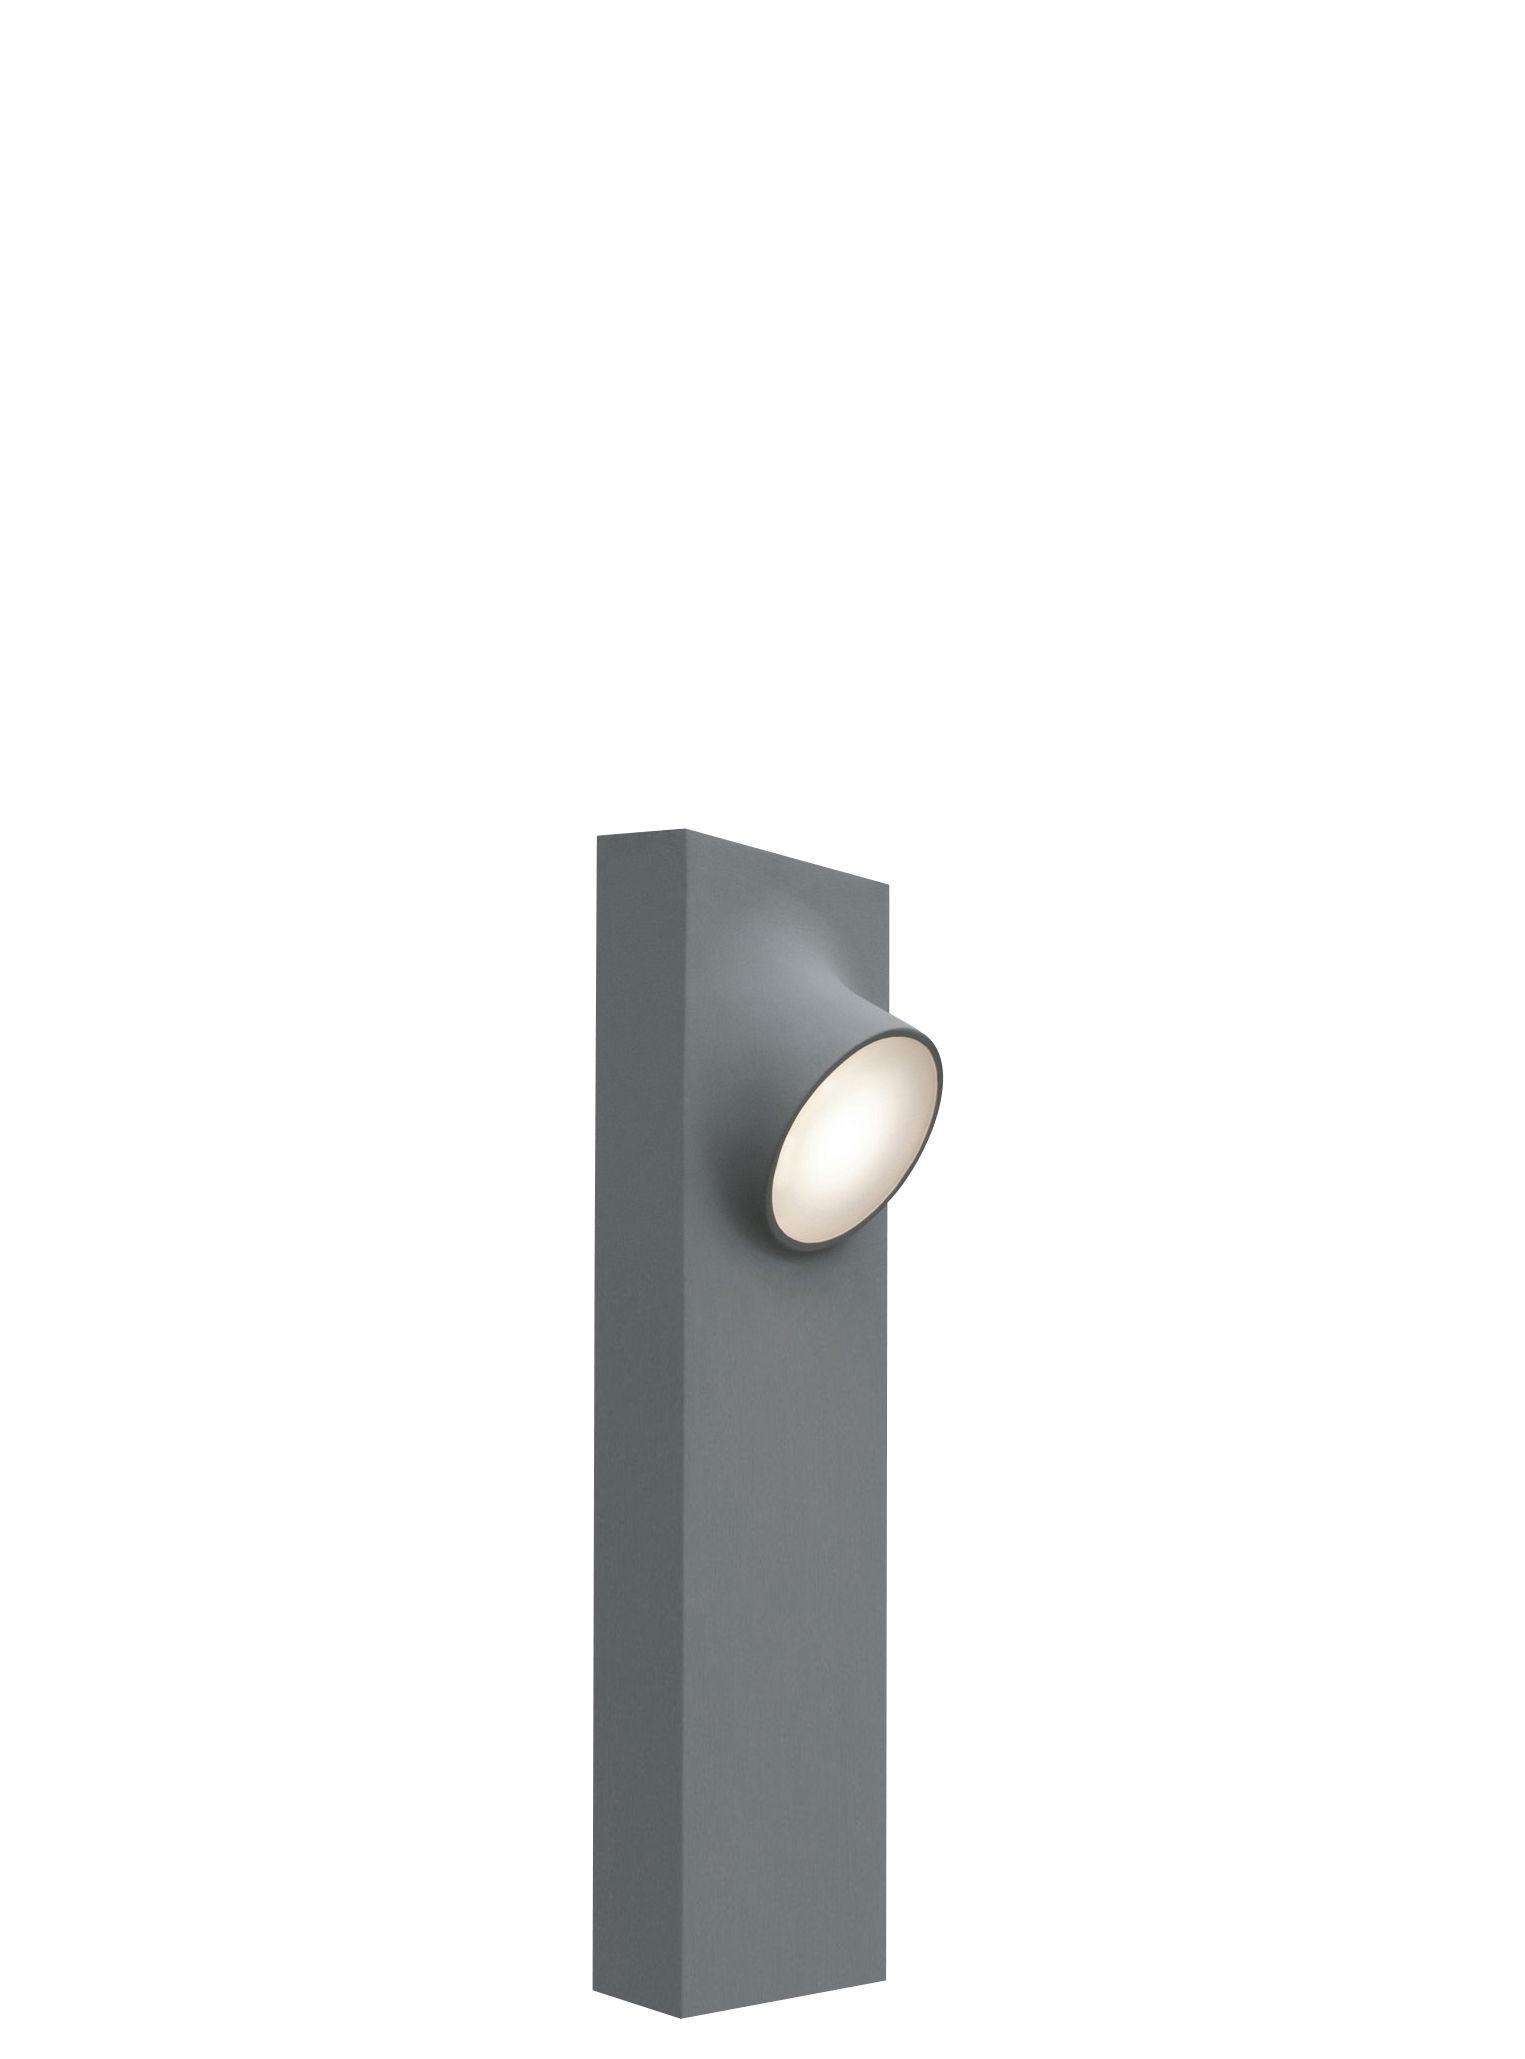 Luminaire - Luminaires d'extérieur - Lampe de sol Ciclope Double LED / extérieur - H 50 cm - Artemide - Gris - H 50 cm - Aluminium galvanisé